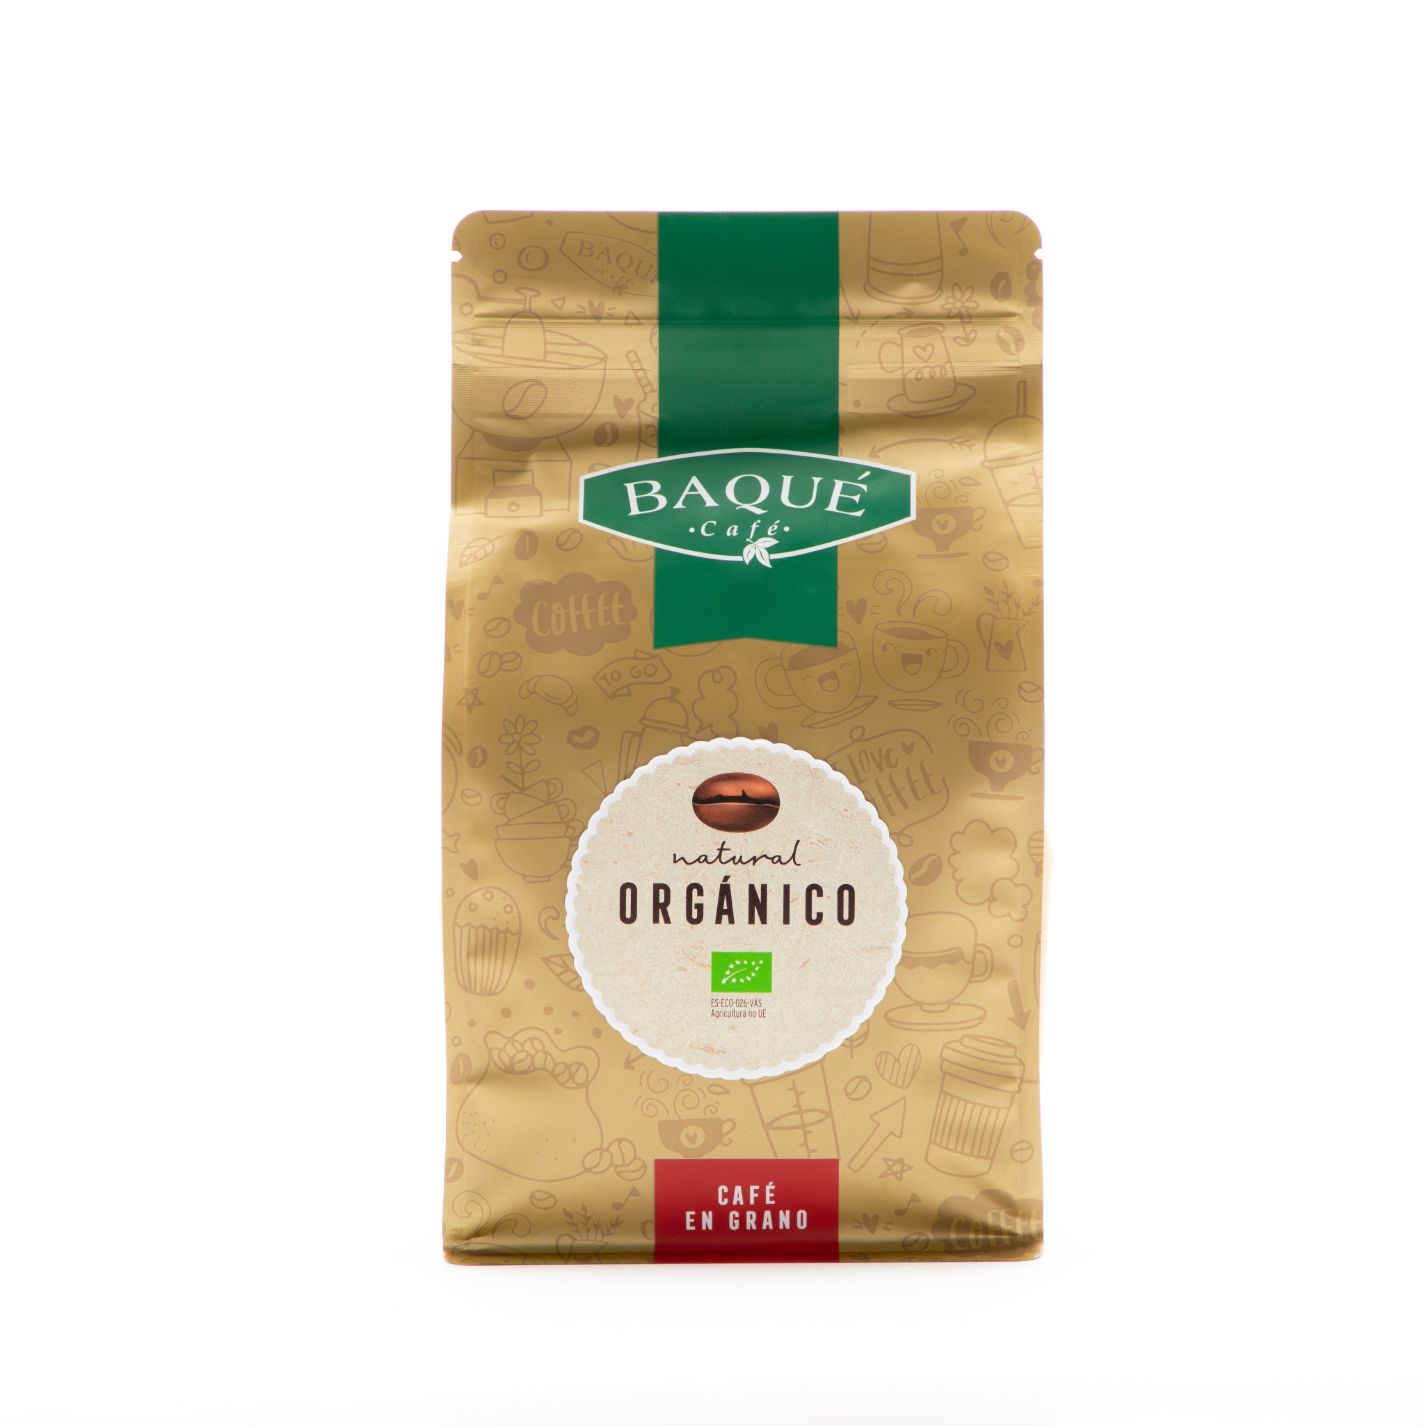 Café en grano Orgánico Natural, 500 g.